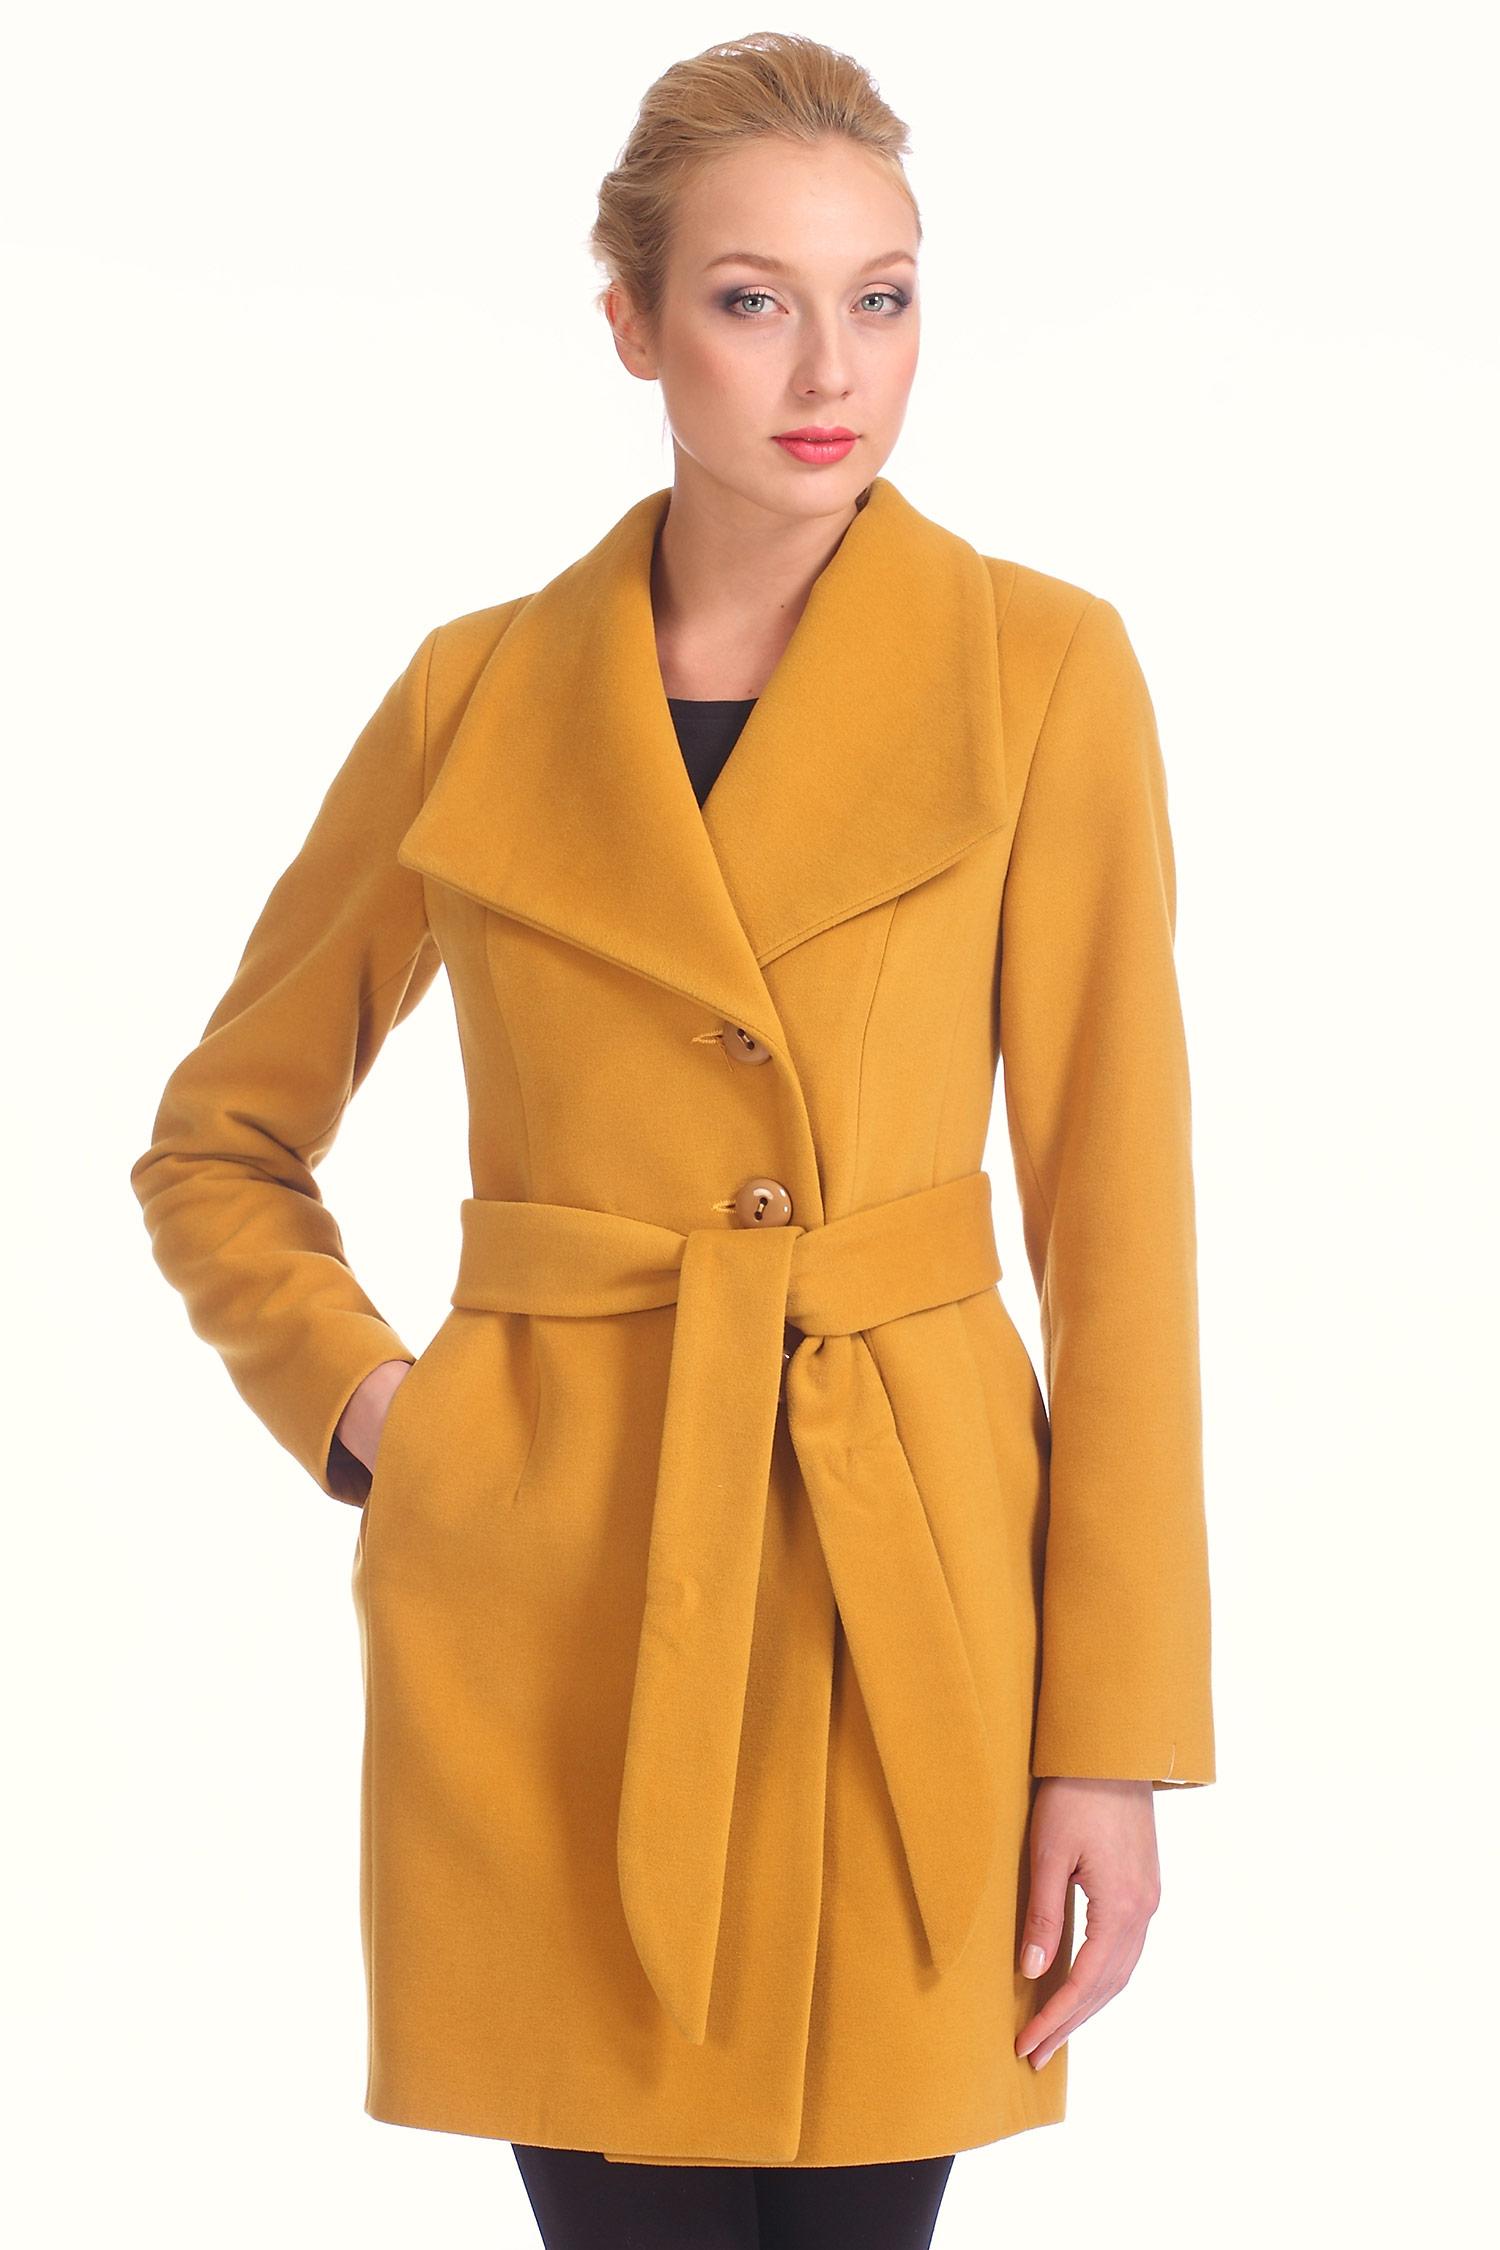 Женское пальто с воротником, без отделки<br><br>Воротник: отложной<br>Длина см: Длинная (свыше 90)<br>Материал: Комбинированный состав<br>Цвет: горчичный<br>Вид застежки: двубортная<br>Застежка: на пуговицы<br>Пол: Женский<br>Размер RU: 50